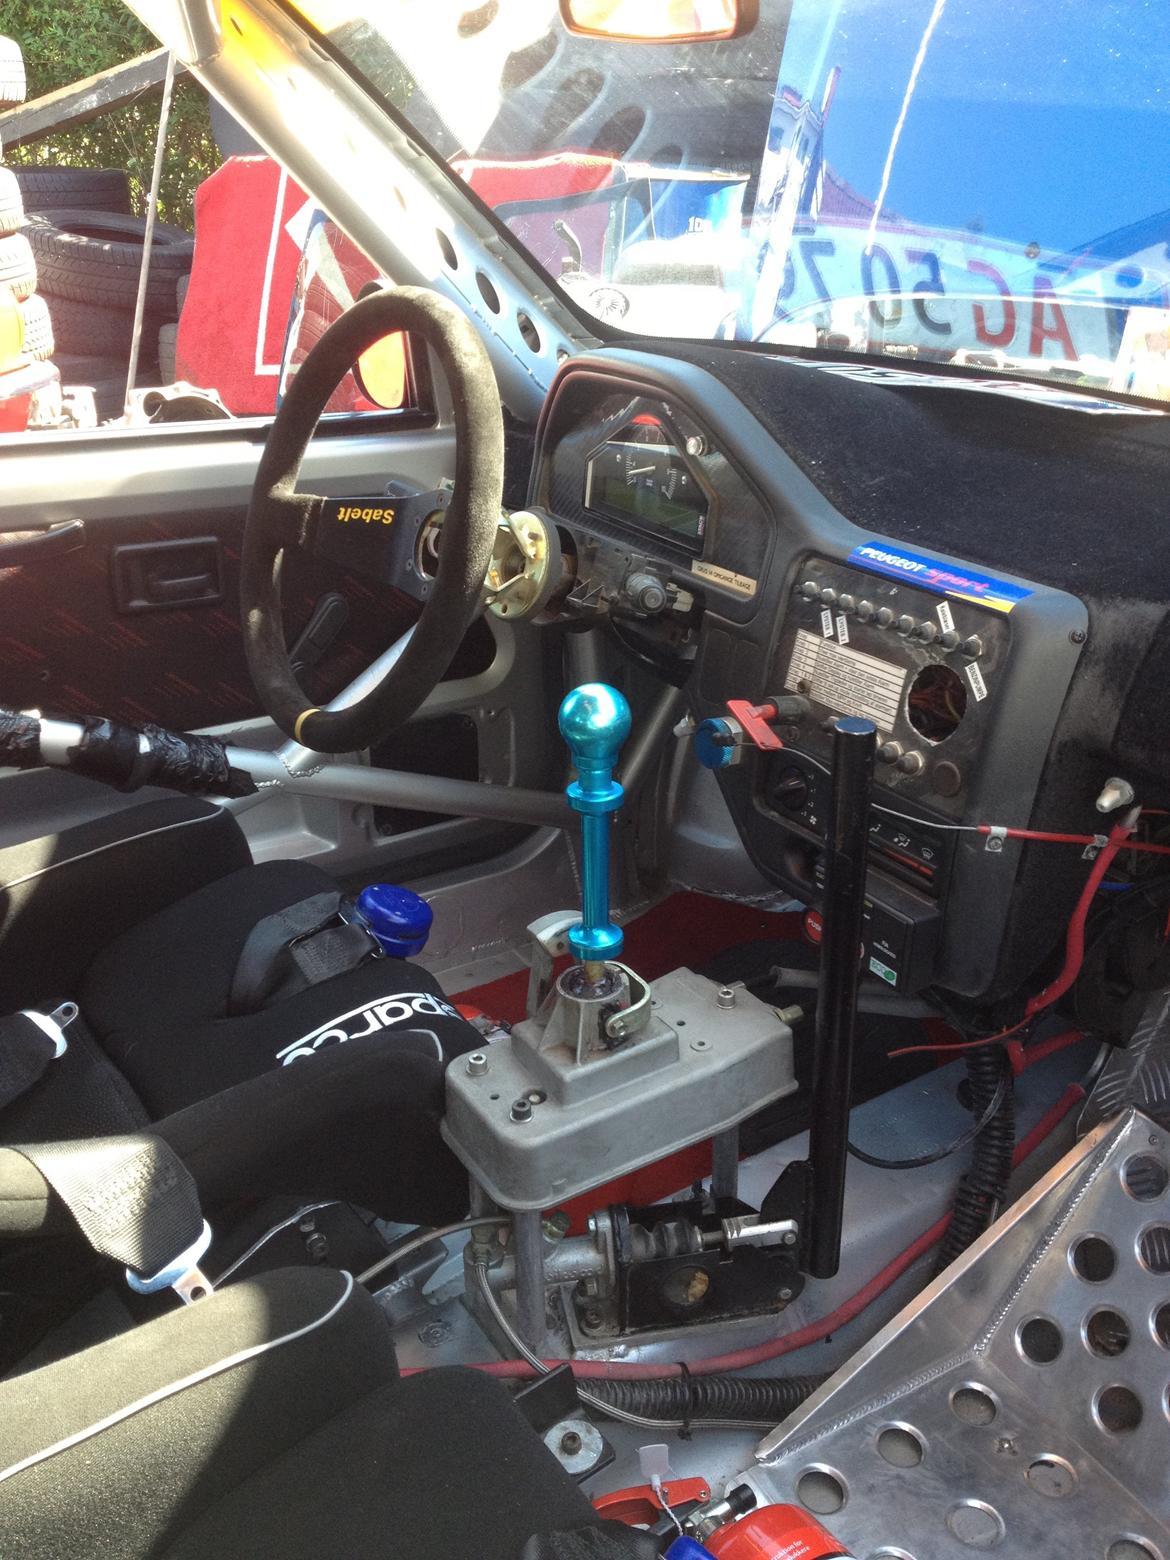 peugeot 106 maxi rallybil billeder af biler uploaded af casper. Black Bedroom Furniture Sets. Home Design Ideas